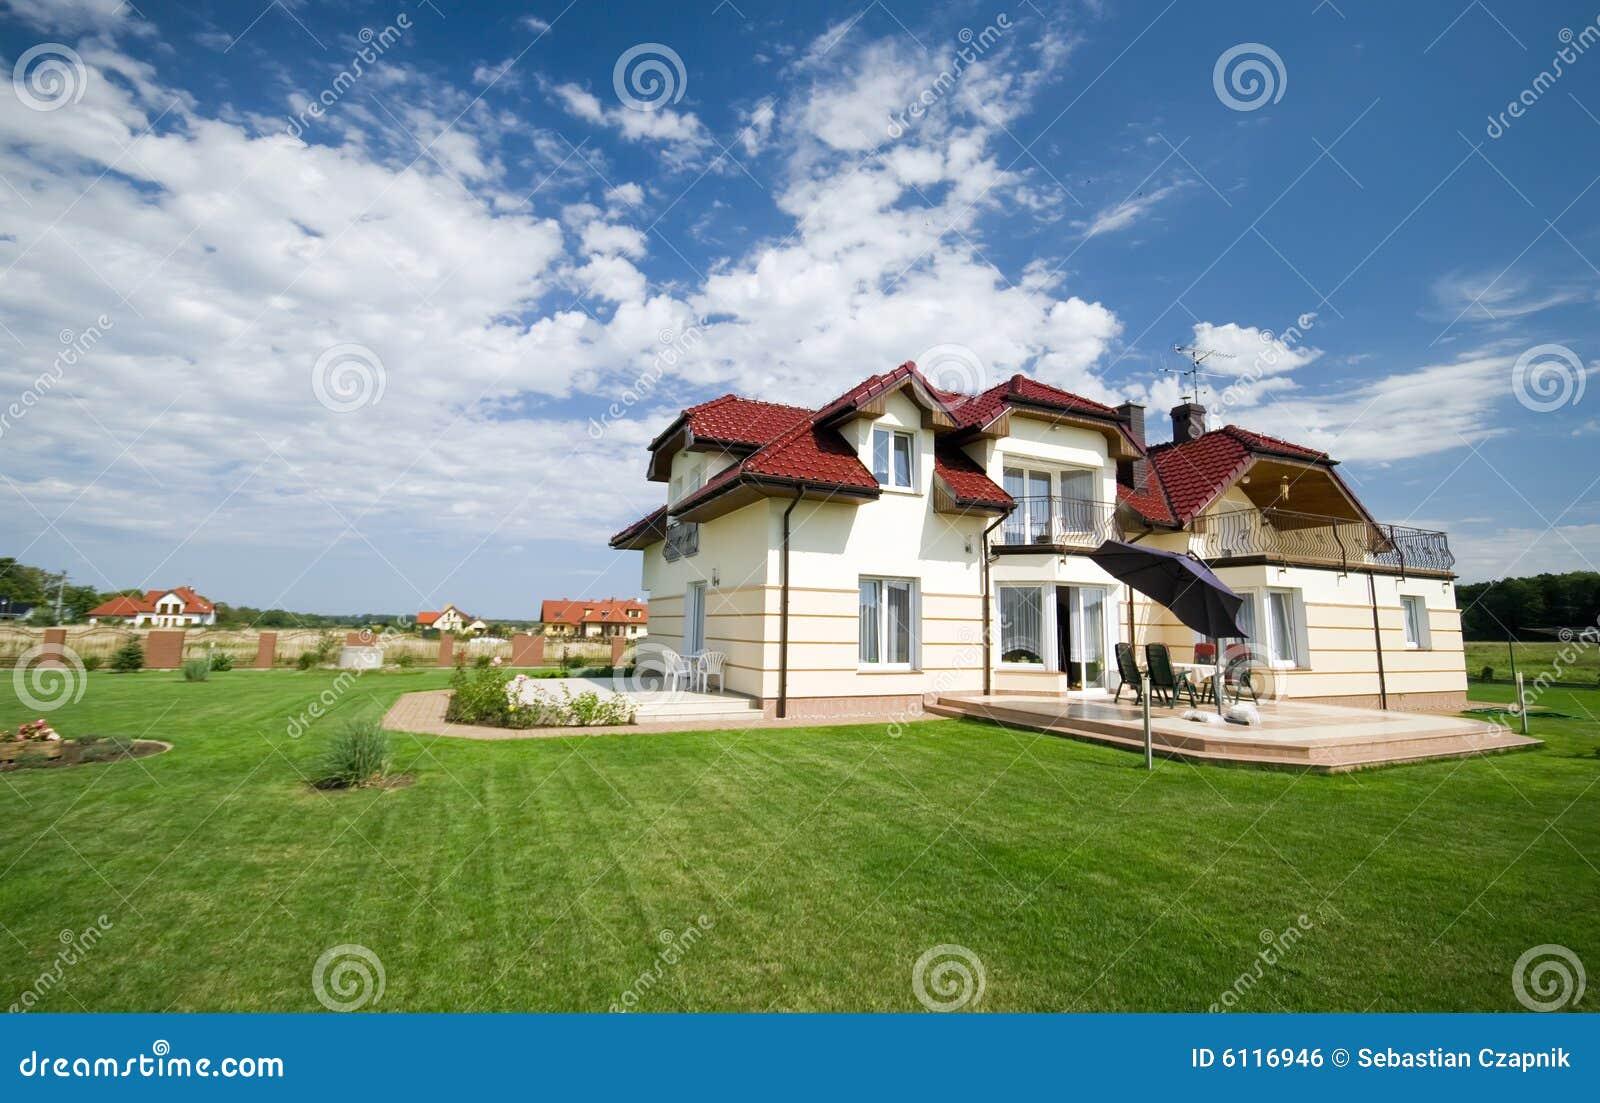 Huis in groen gazon